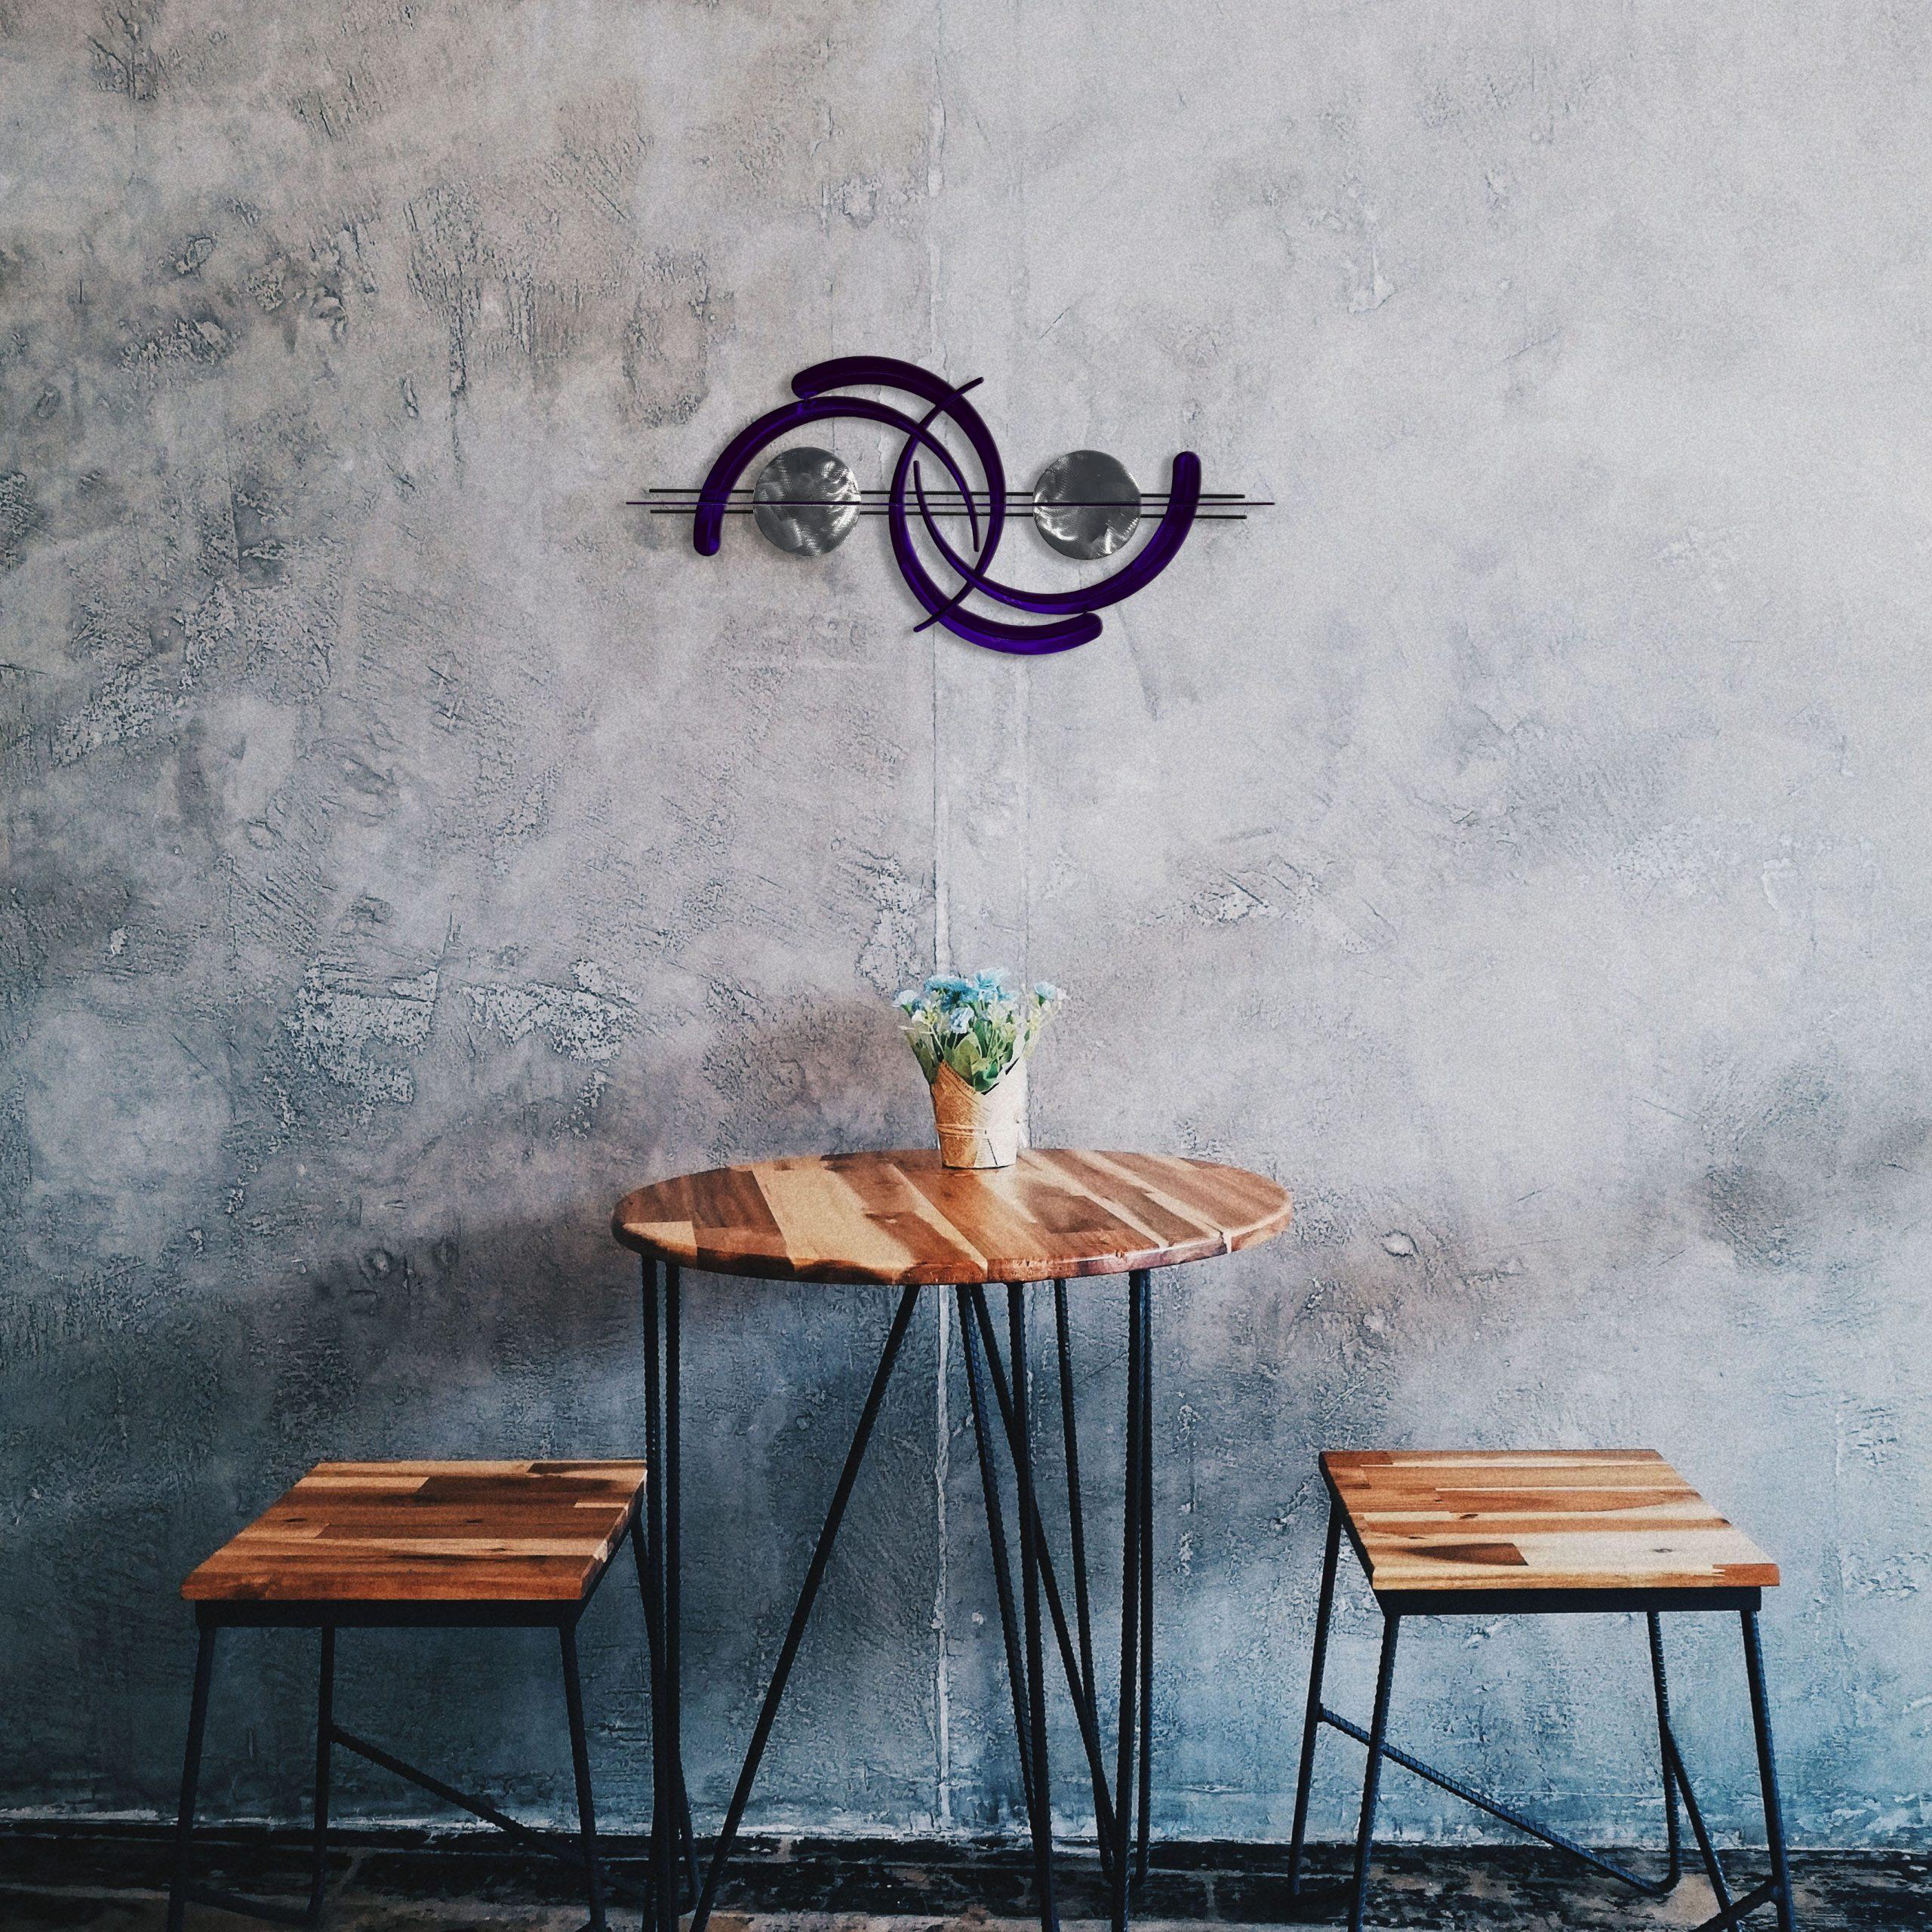 purple-sundog-over-bistro-table-scaled